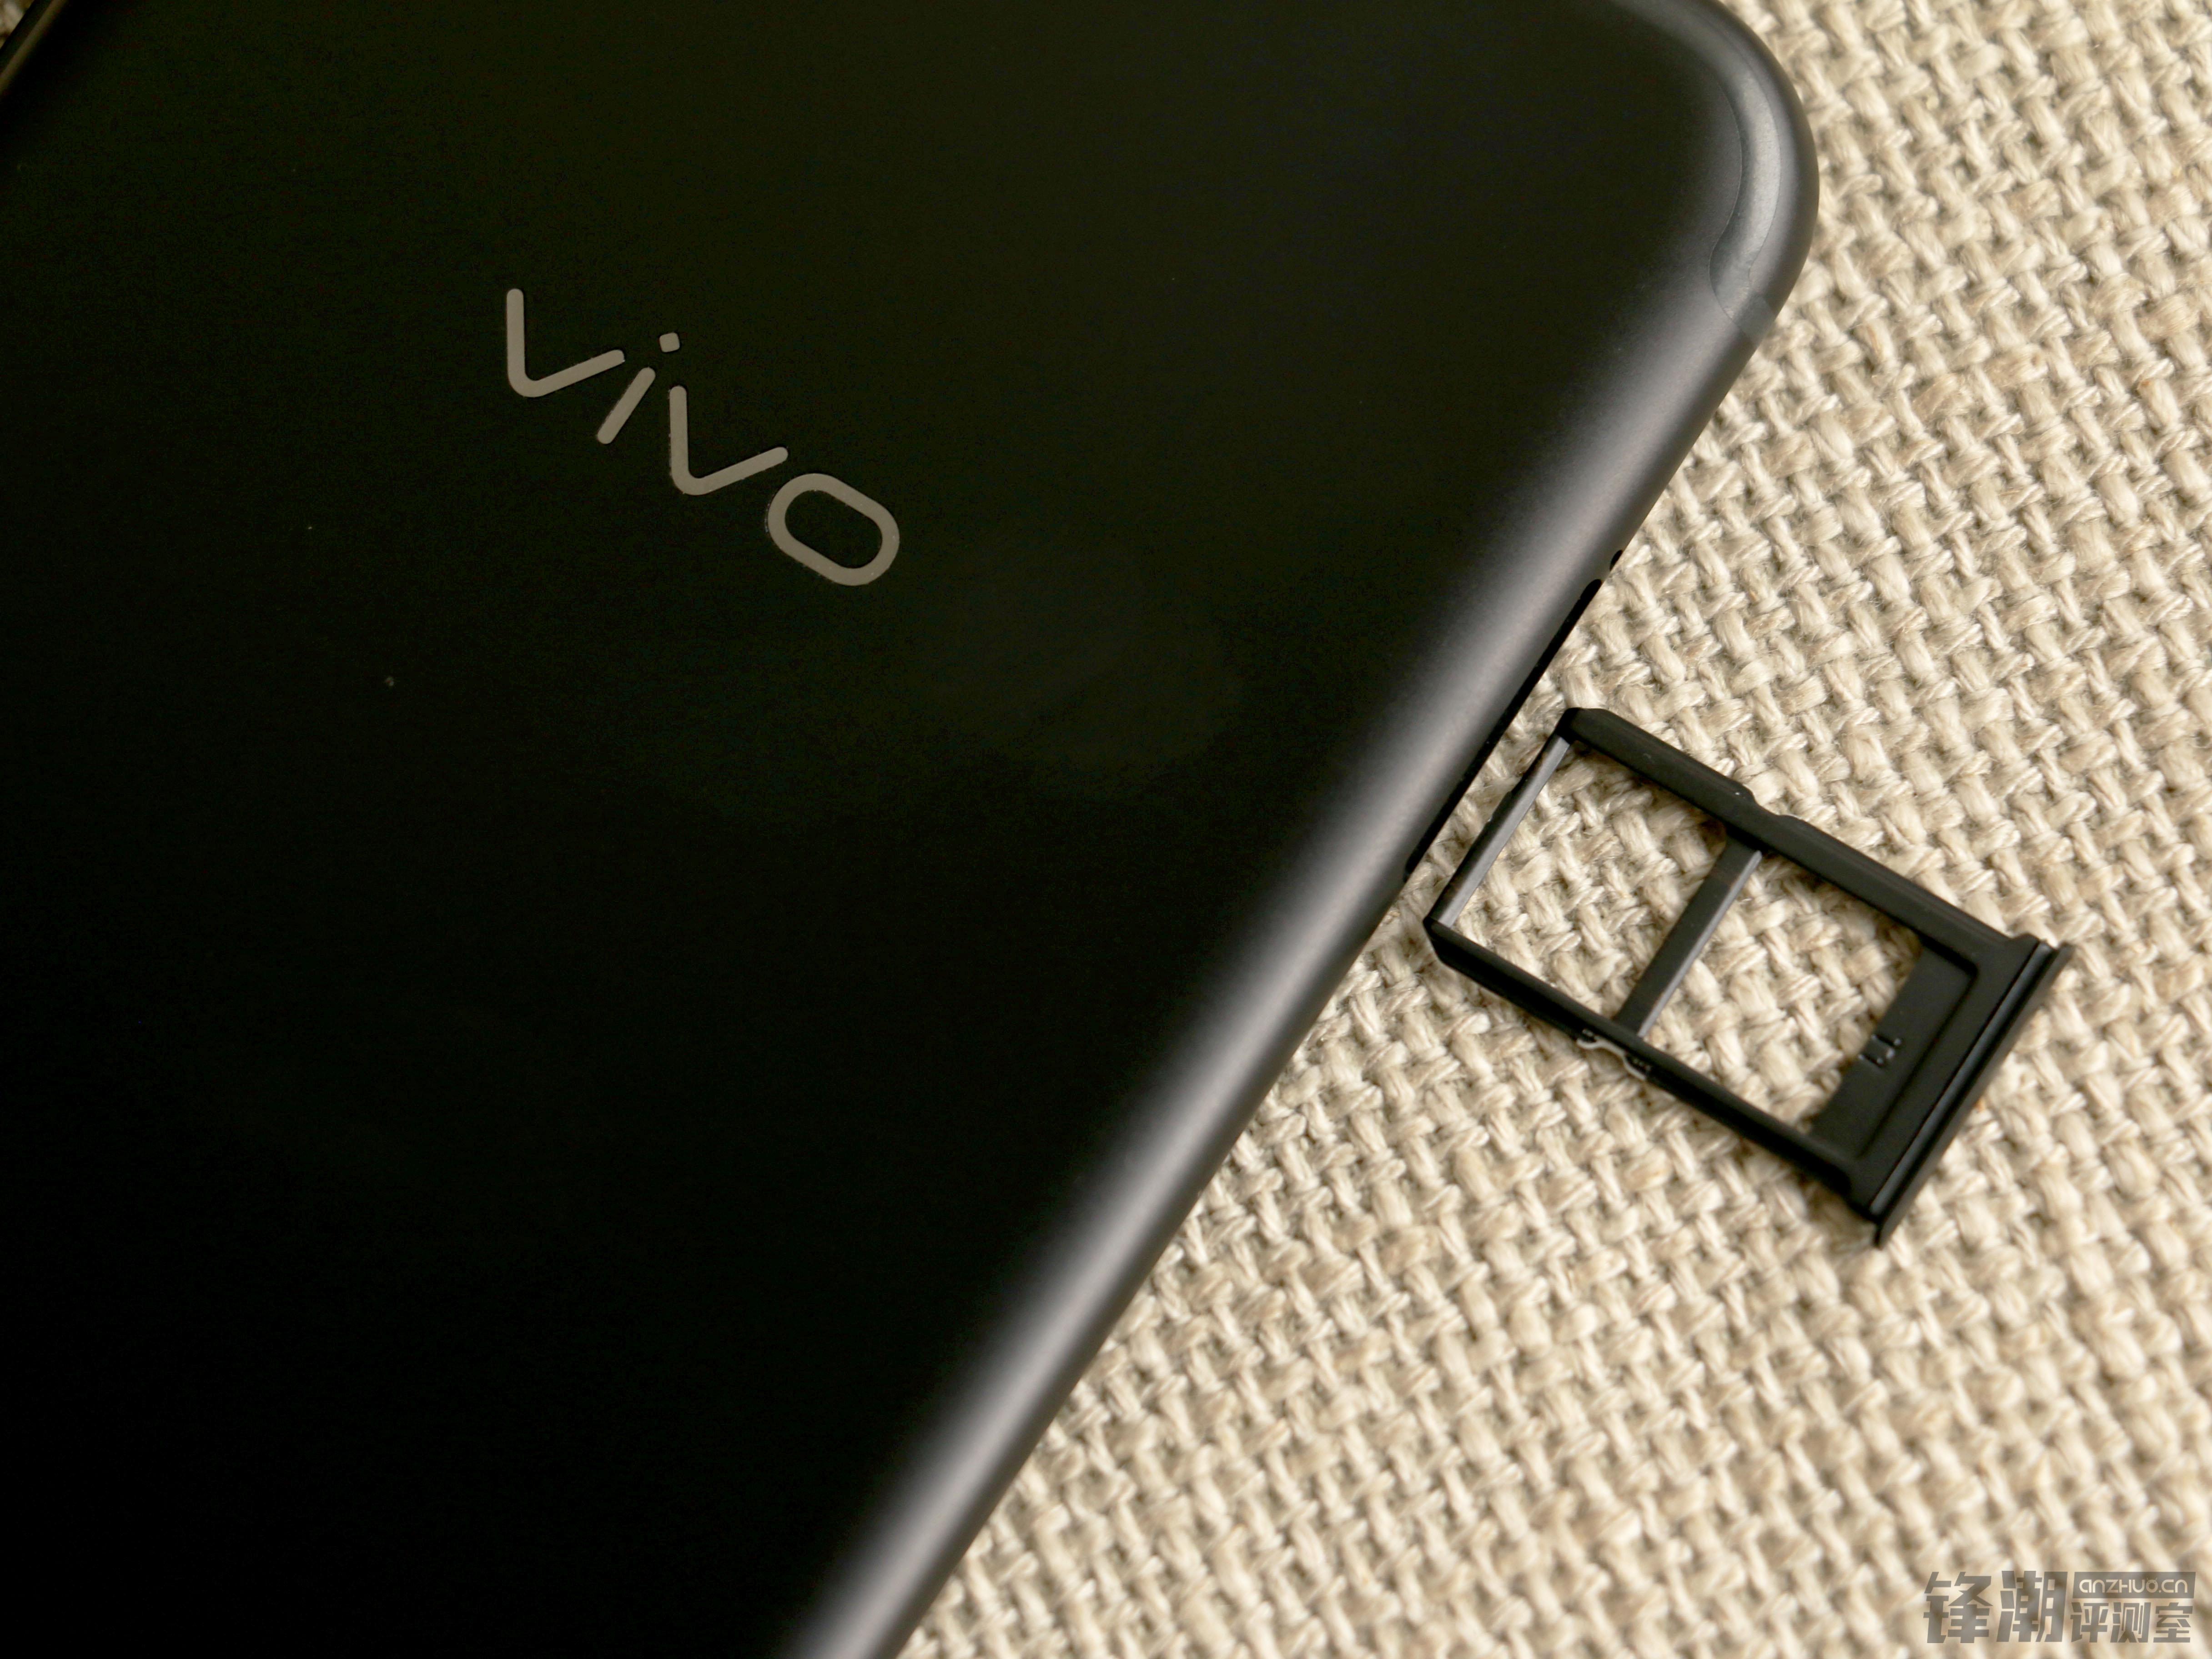 【力皮西】连女神都爱它:vivo X9s Plus真机图赏